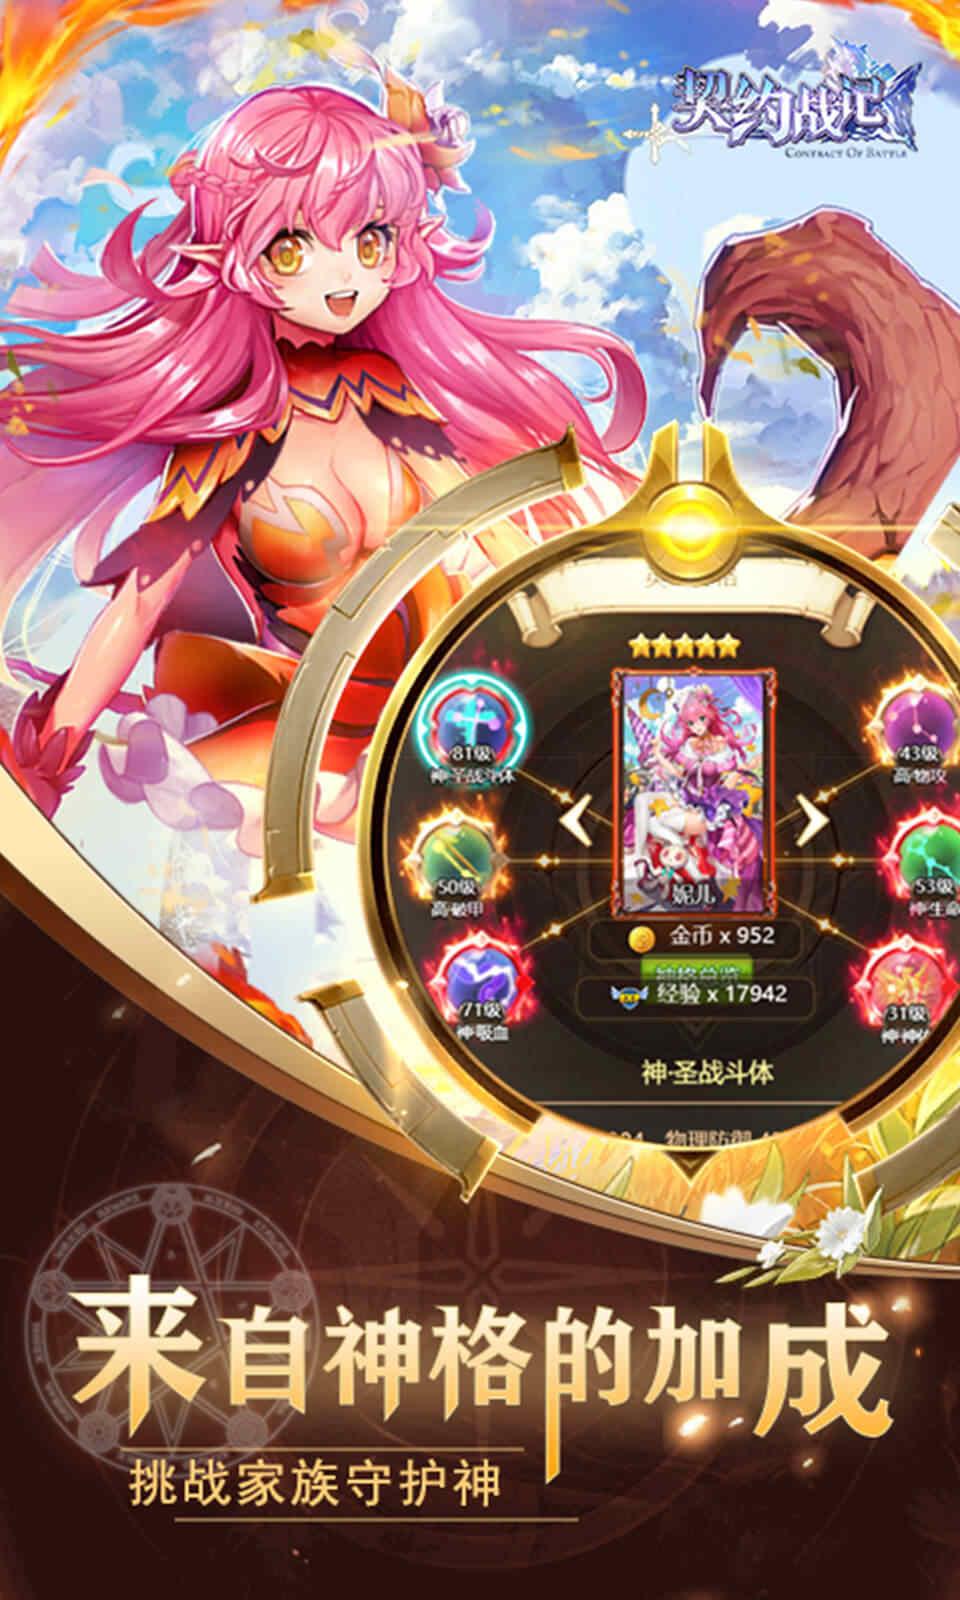 手机游戏通用版_契约战记_安卓手机游戏免费版下载_7723手机游戏